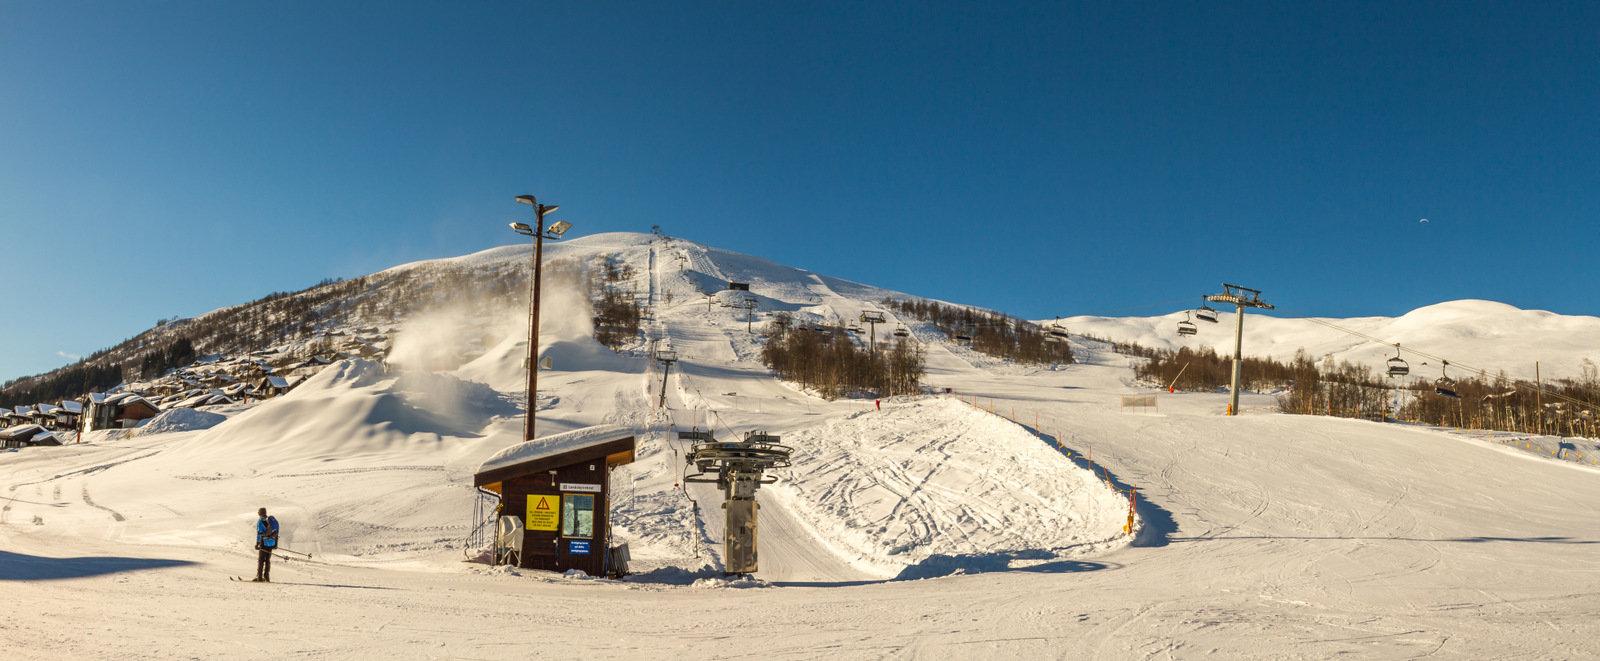 Det produseres snø til World Cup i Big Air som finner sted i Myrkdalen 24.-25. mars. - ©Jan Petter Svendal